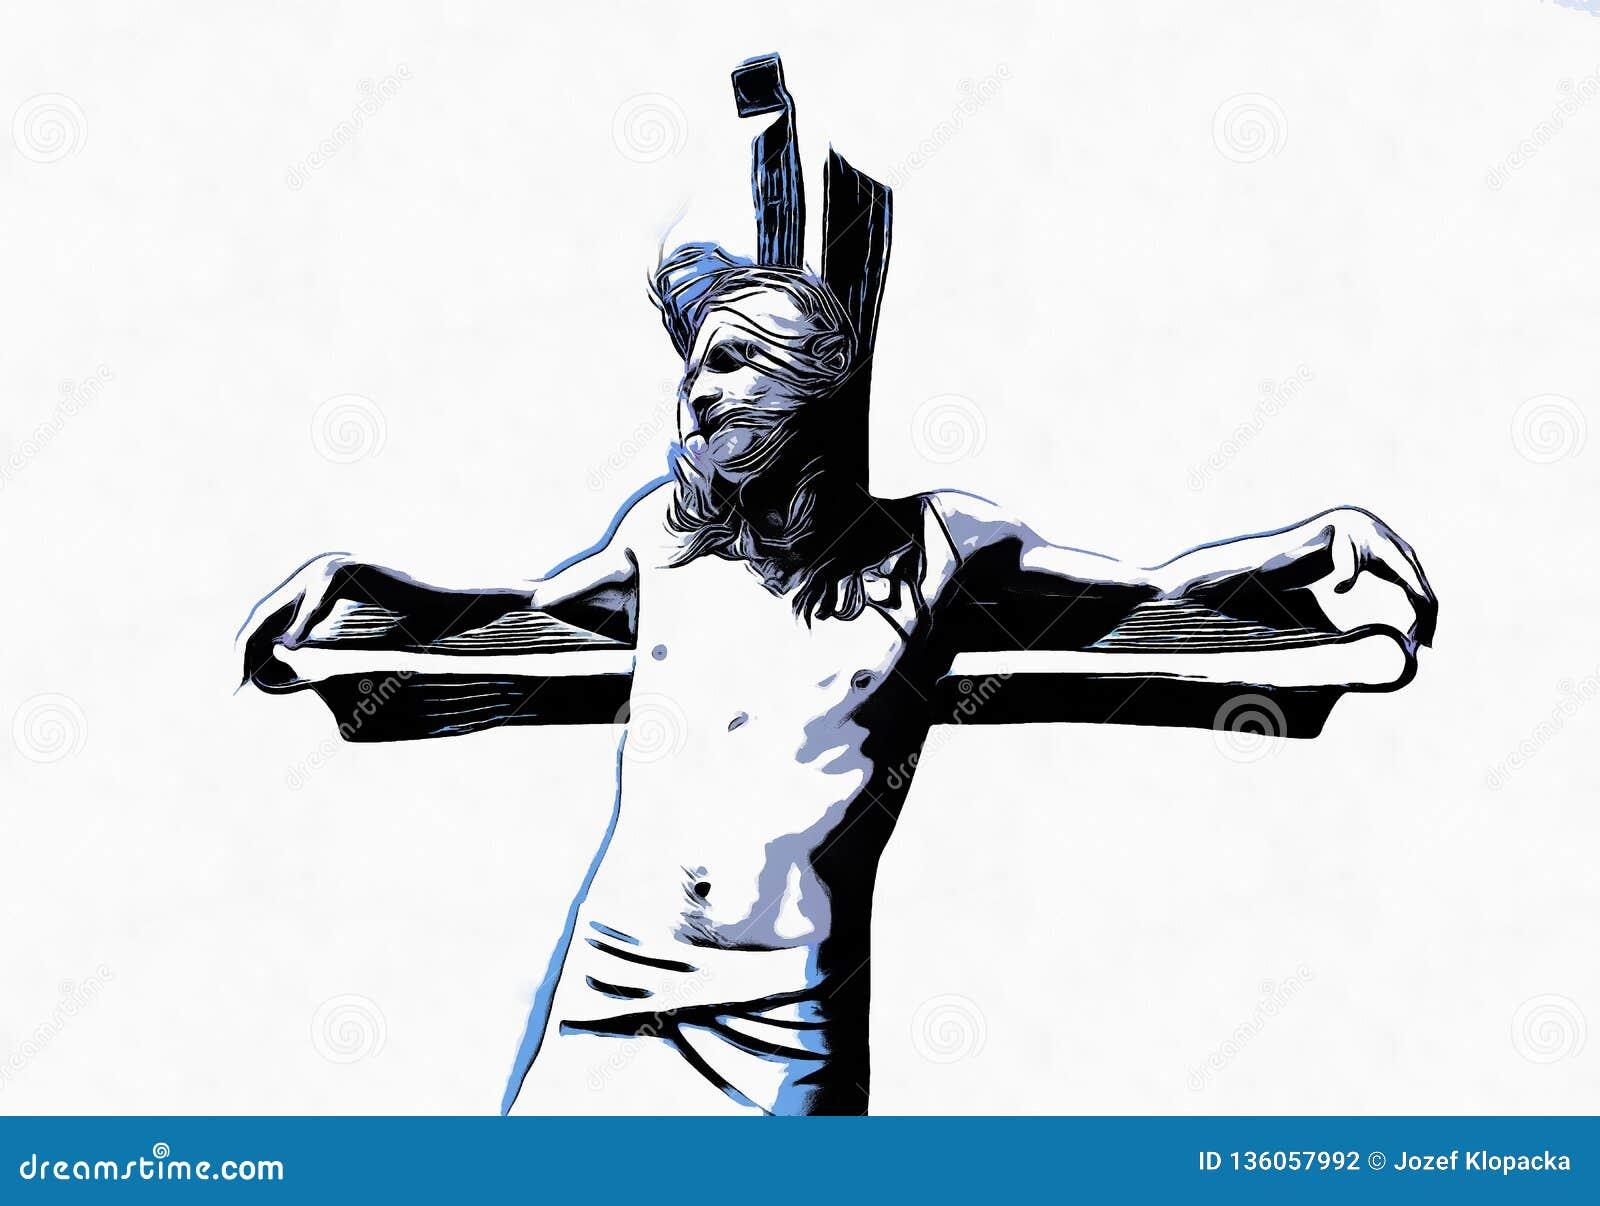 Jesus op het kruis, avanrgard interpretatie met grafische stylization